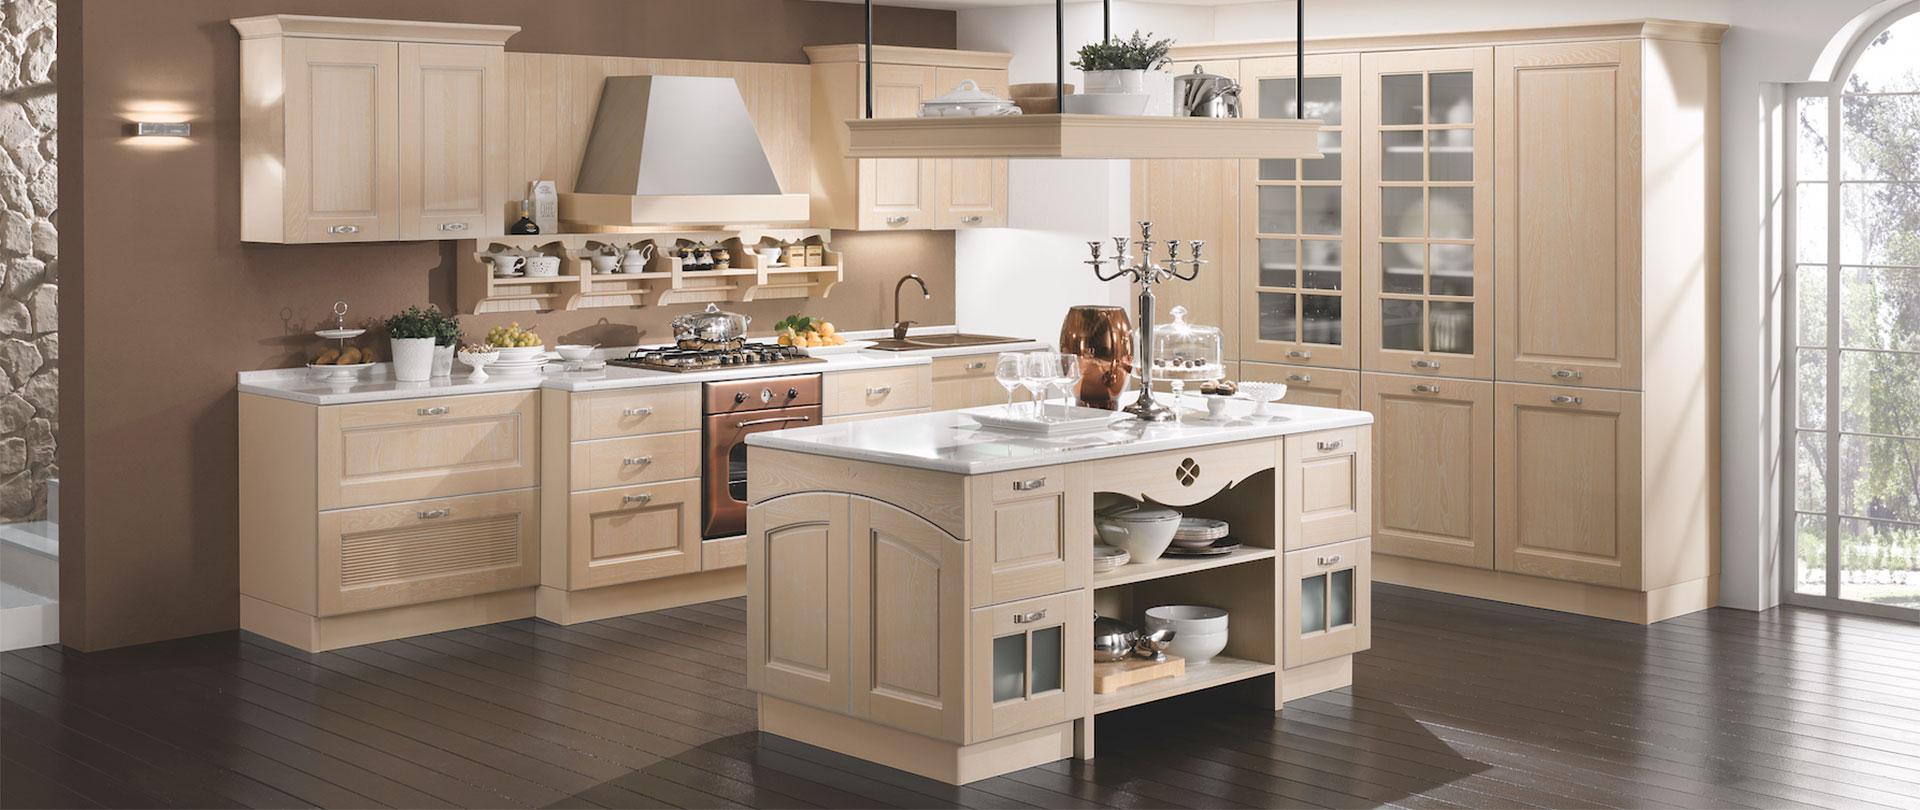 Cucine Classiche - Cucinissima